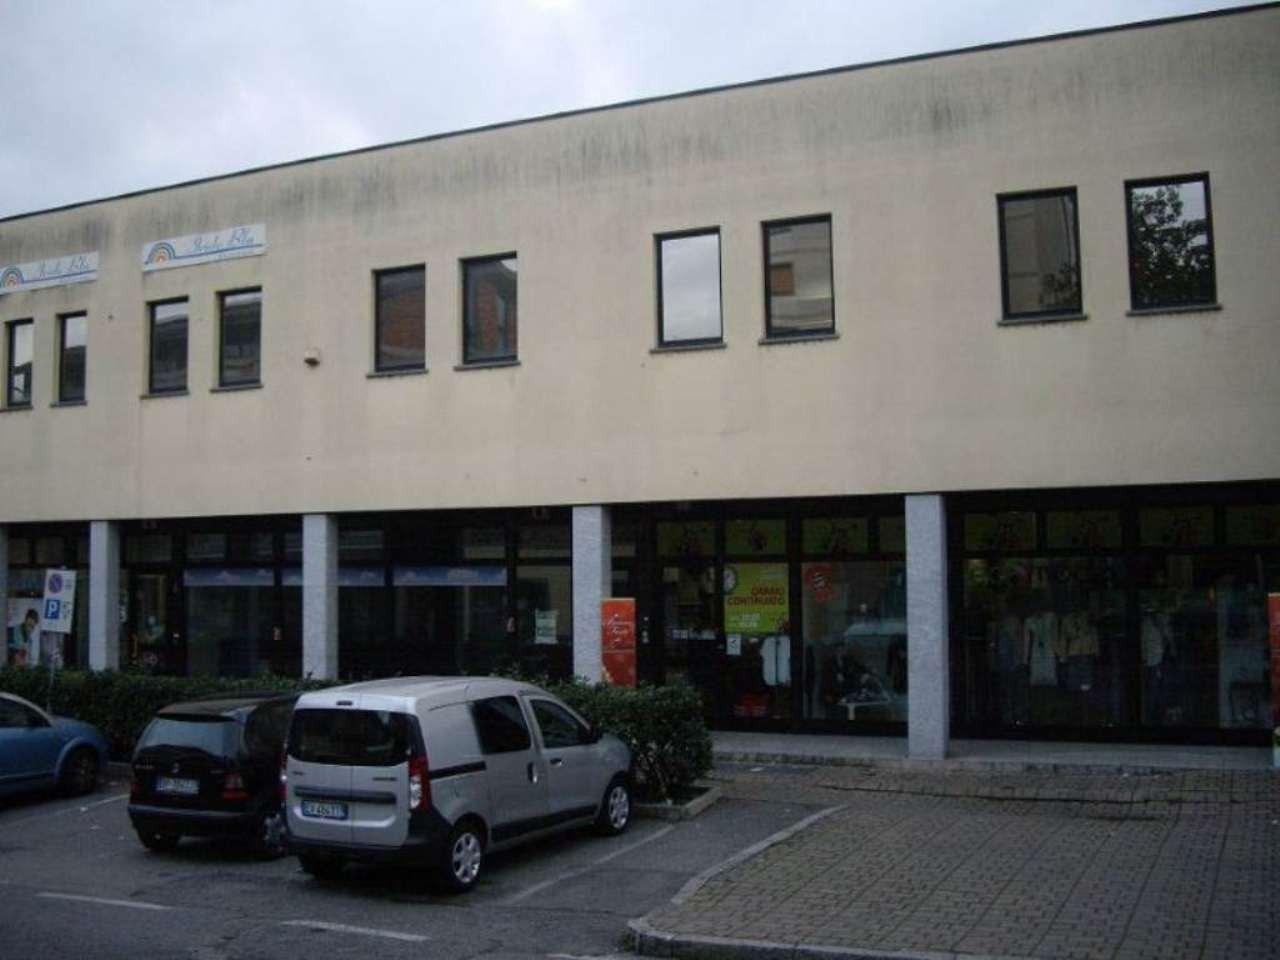 Ufficio / Studio in affitto a Capriate San Gervasio, 1 locali, Trattative riservate | CambioCasa.it